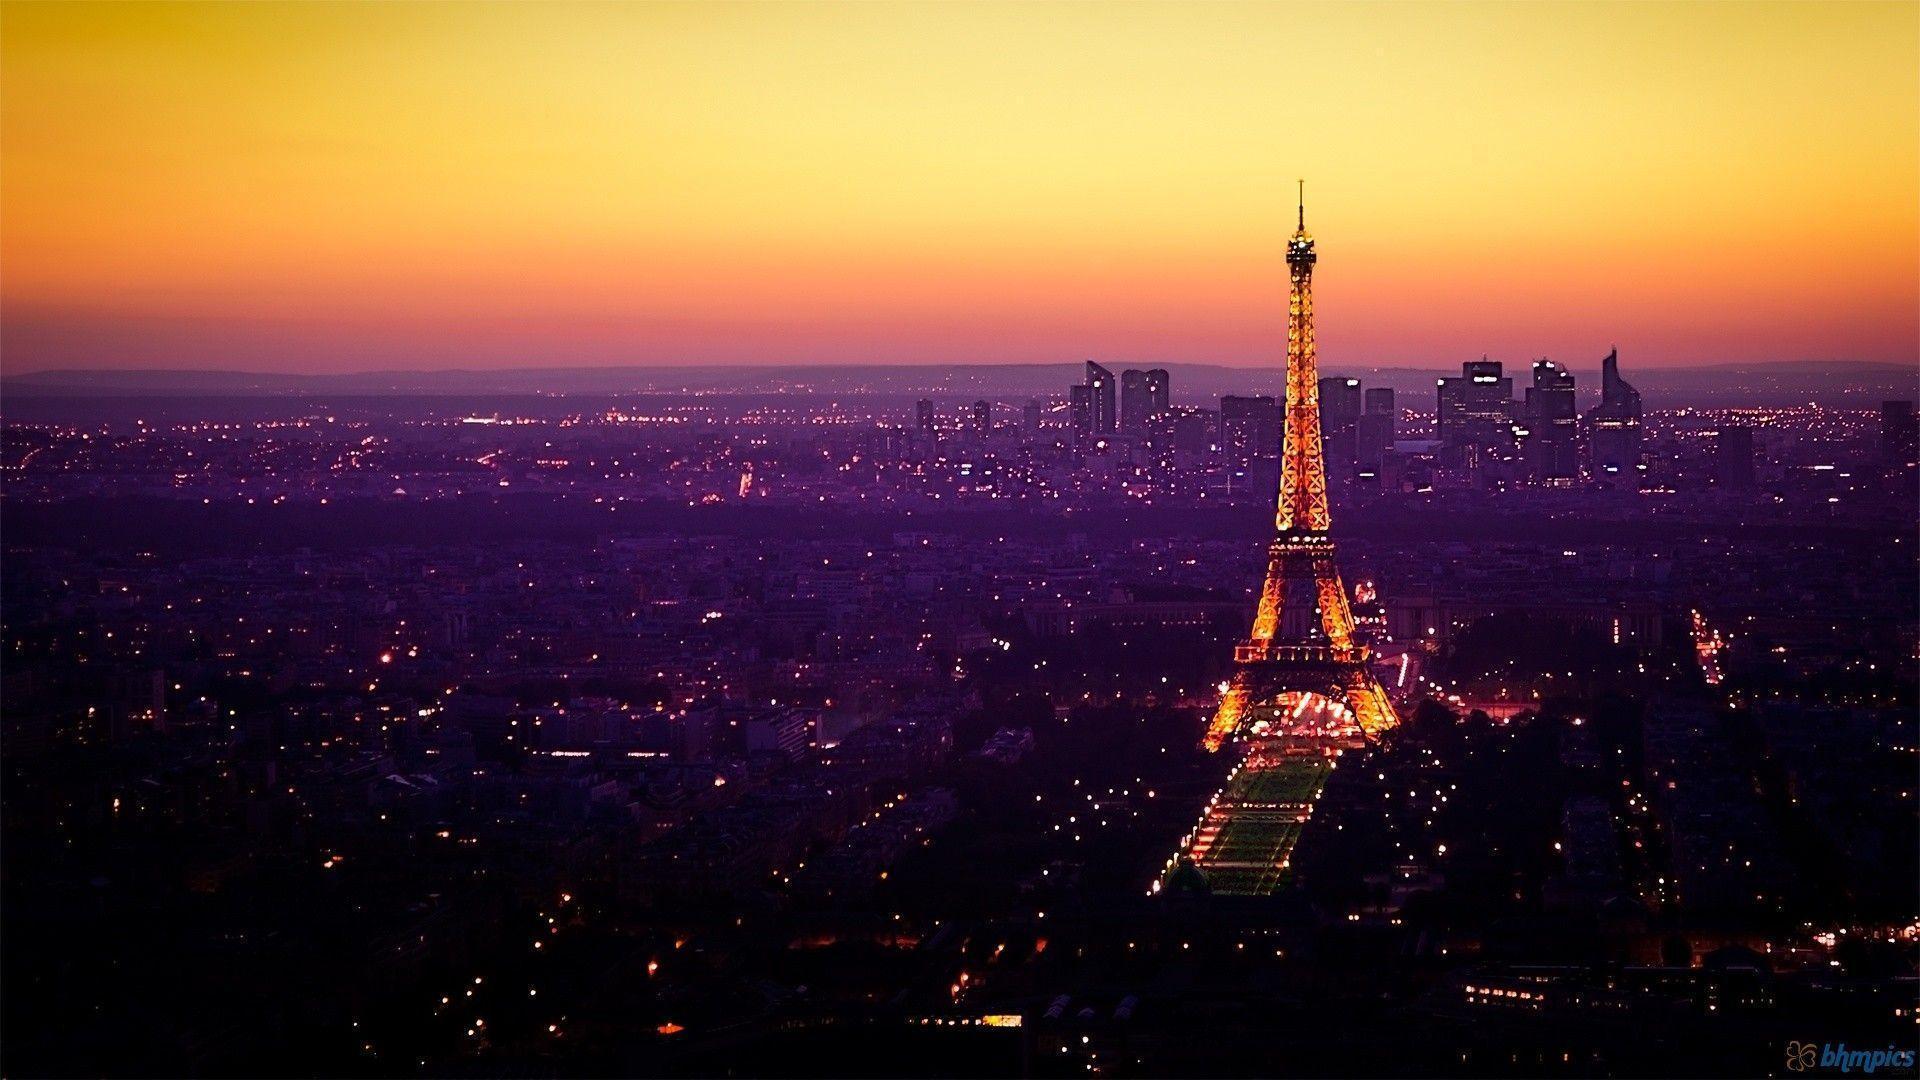 Hd wallpaper eiffel tower - Paris Eiffel Tower Night Hd Wallpaper Of Nature Hdwallpaper2013